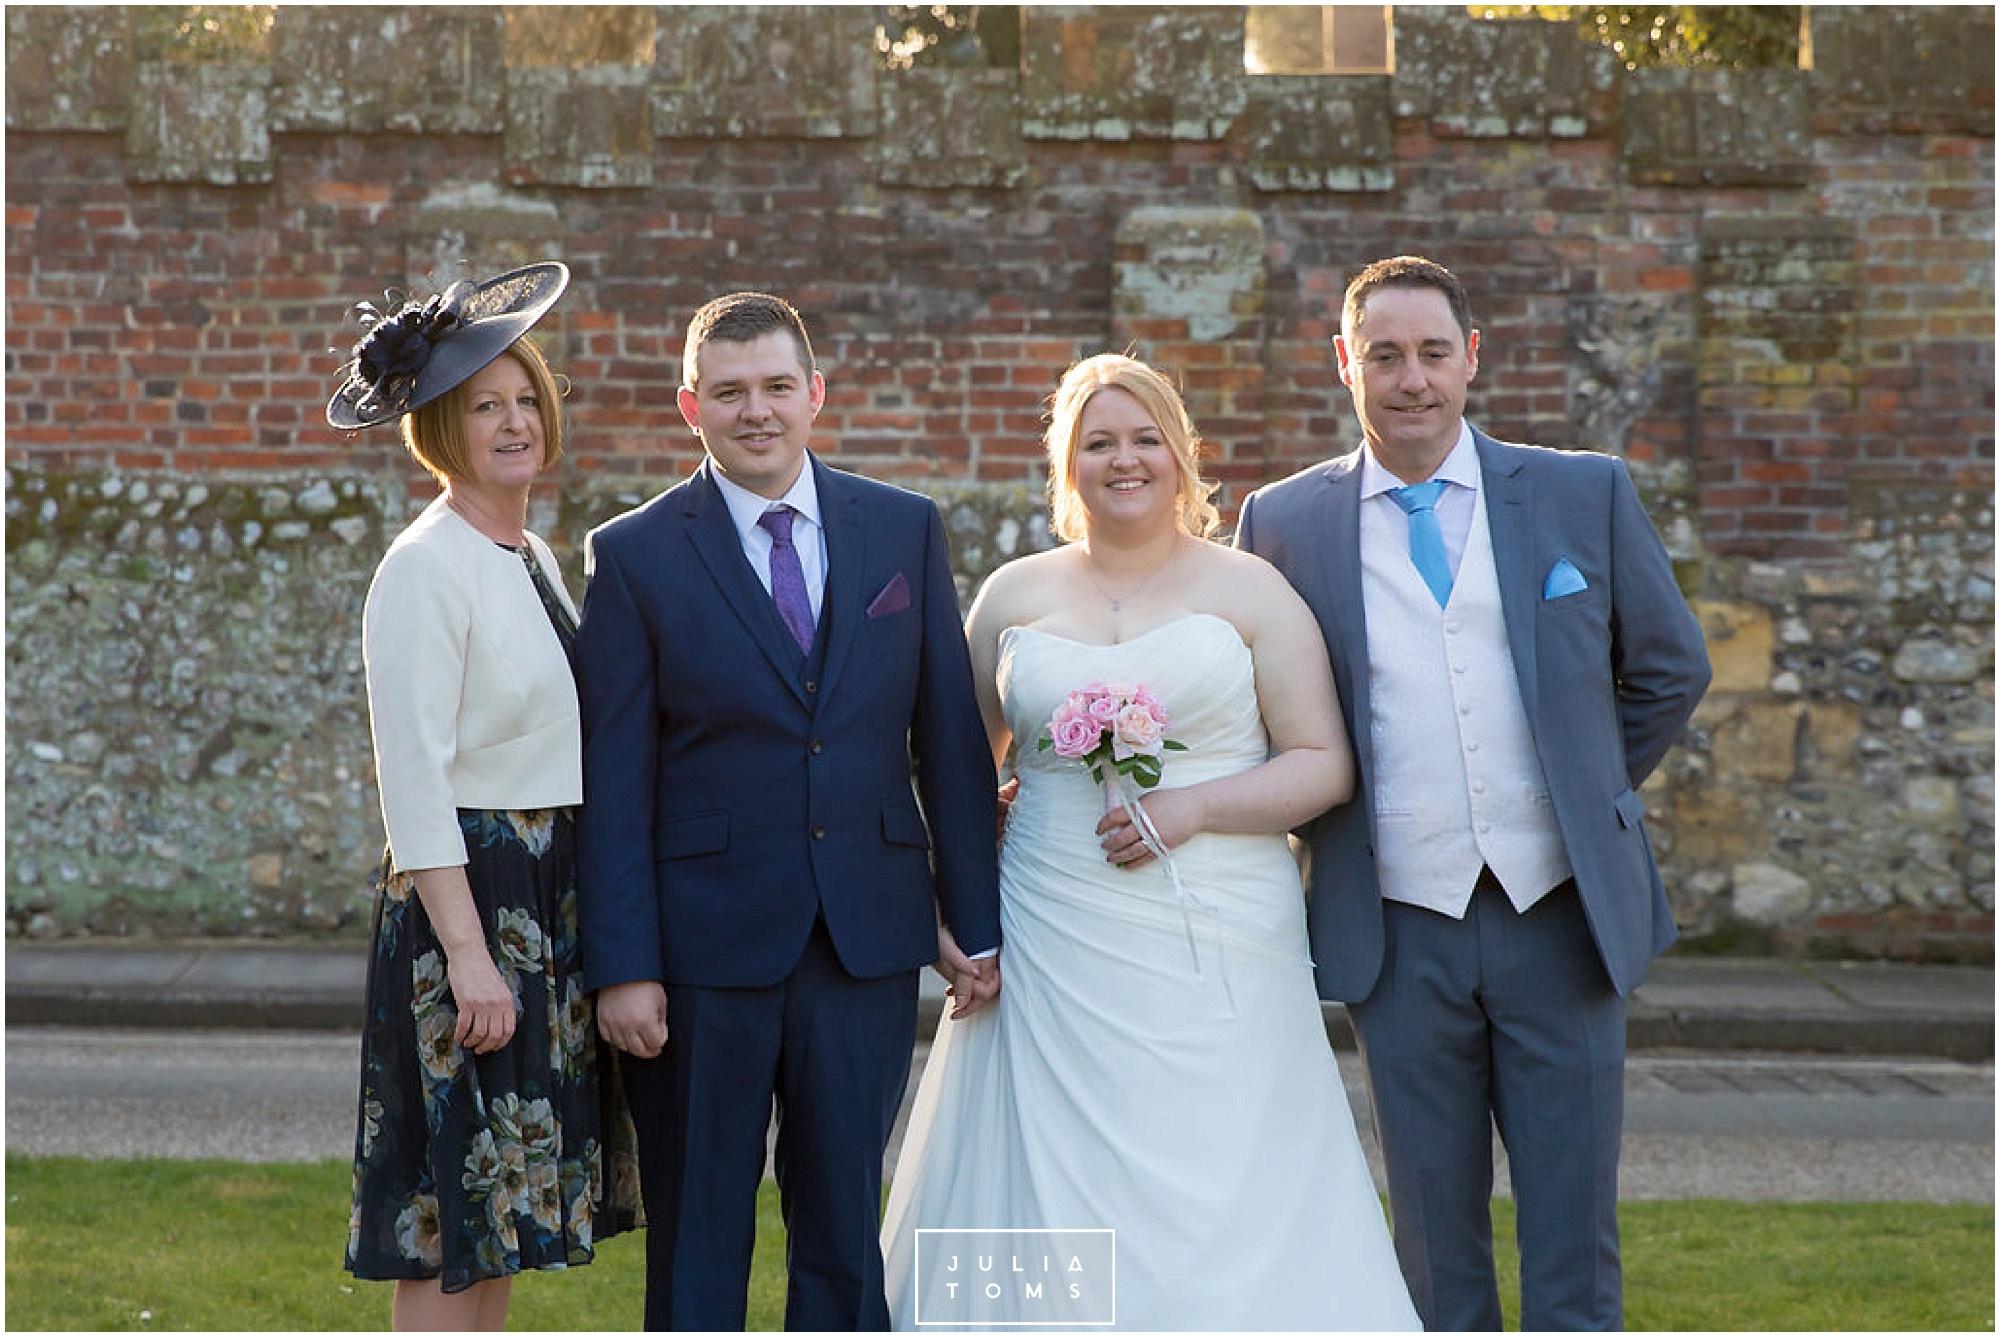 JuliaToms_chichester_wedding_photograher_edes_house_035.jpg